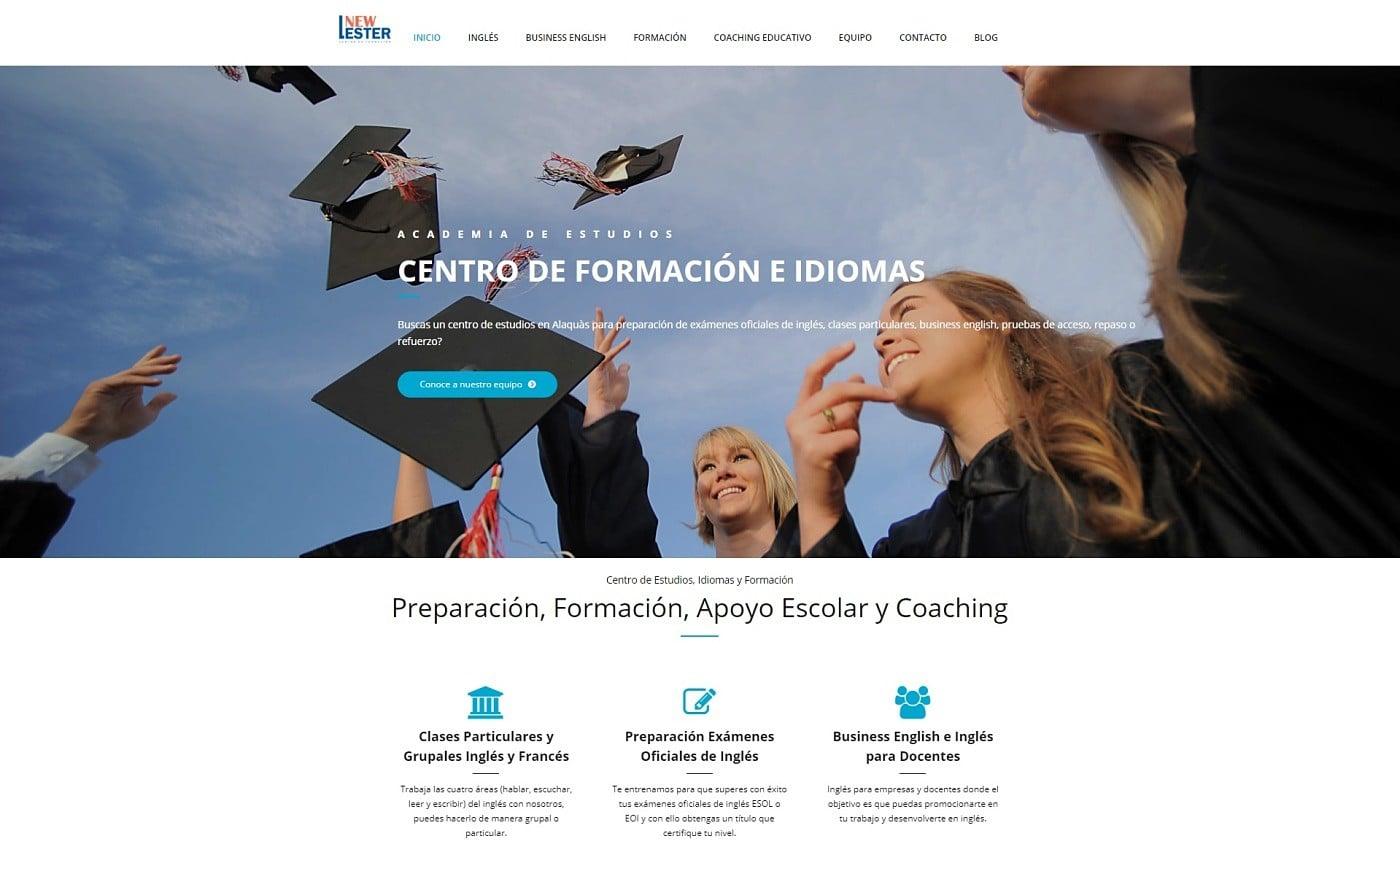 diseño para newlester centro de formación academia idiomas